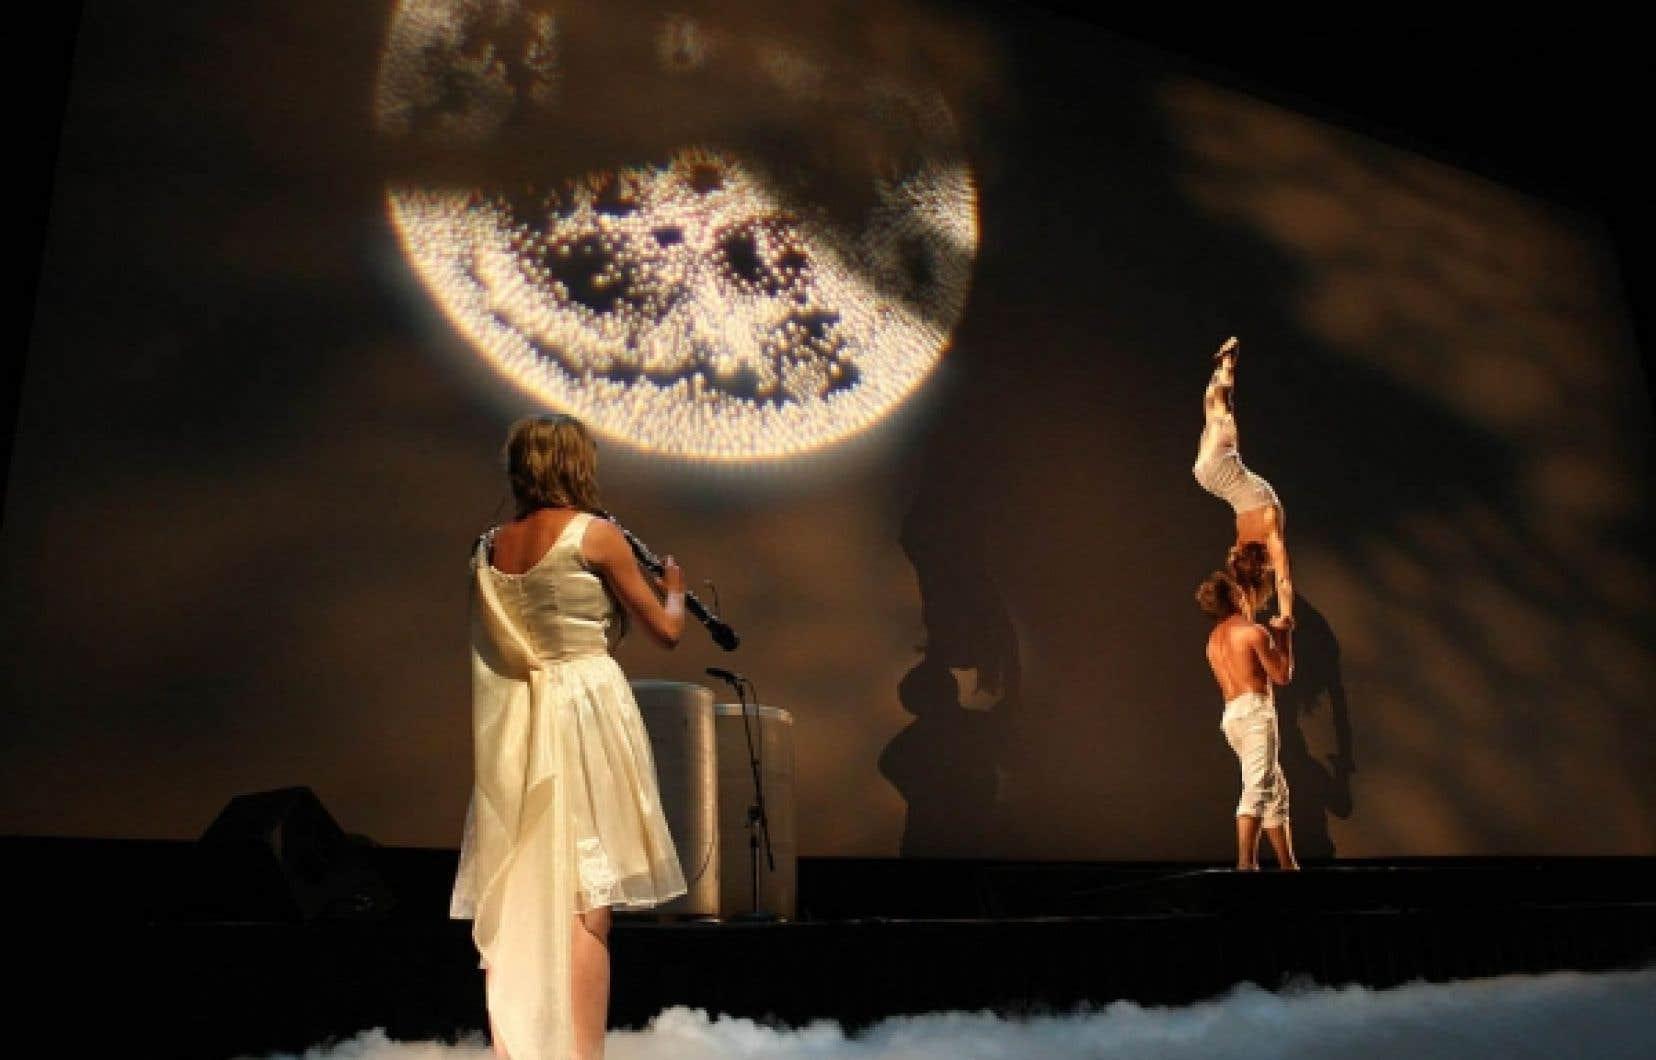 Dès le 8 juillet, le festival Montréal complètement cirque démarre en trombe avec la présentation sous chapiteau d'I.D., la dernière création du cirque Éloize.